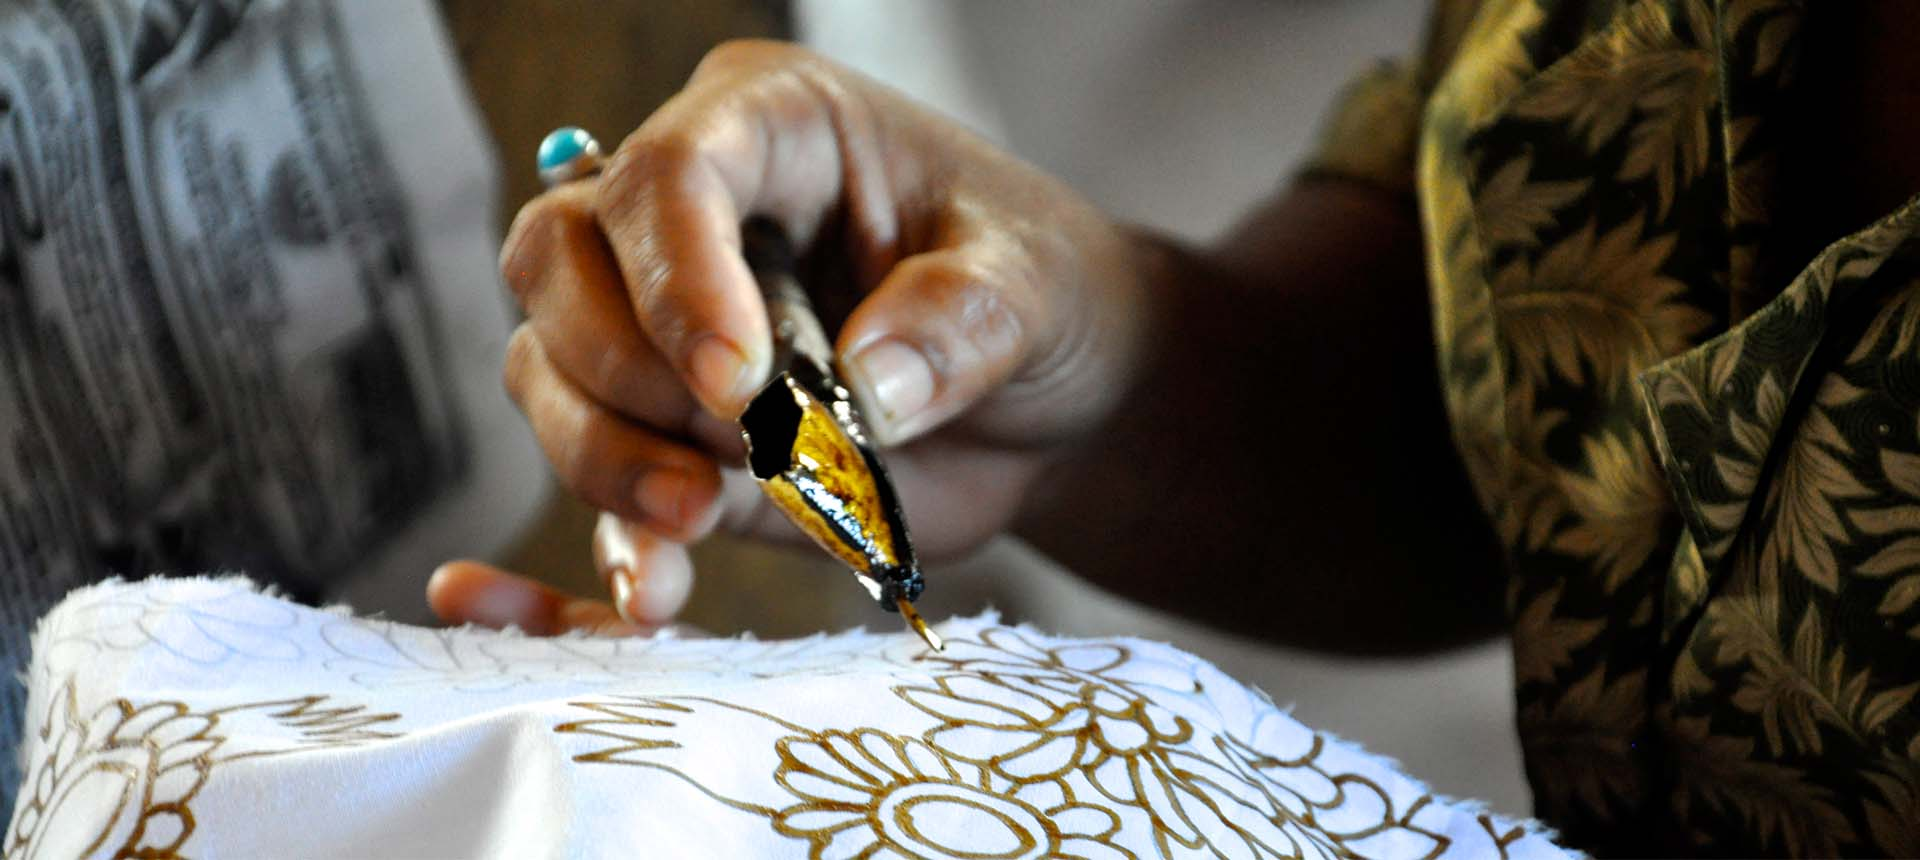 Artist in Bali